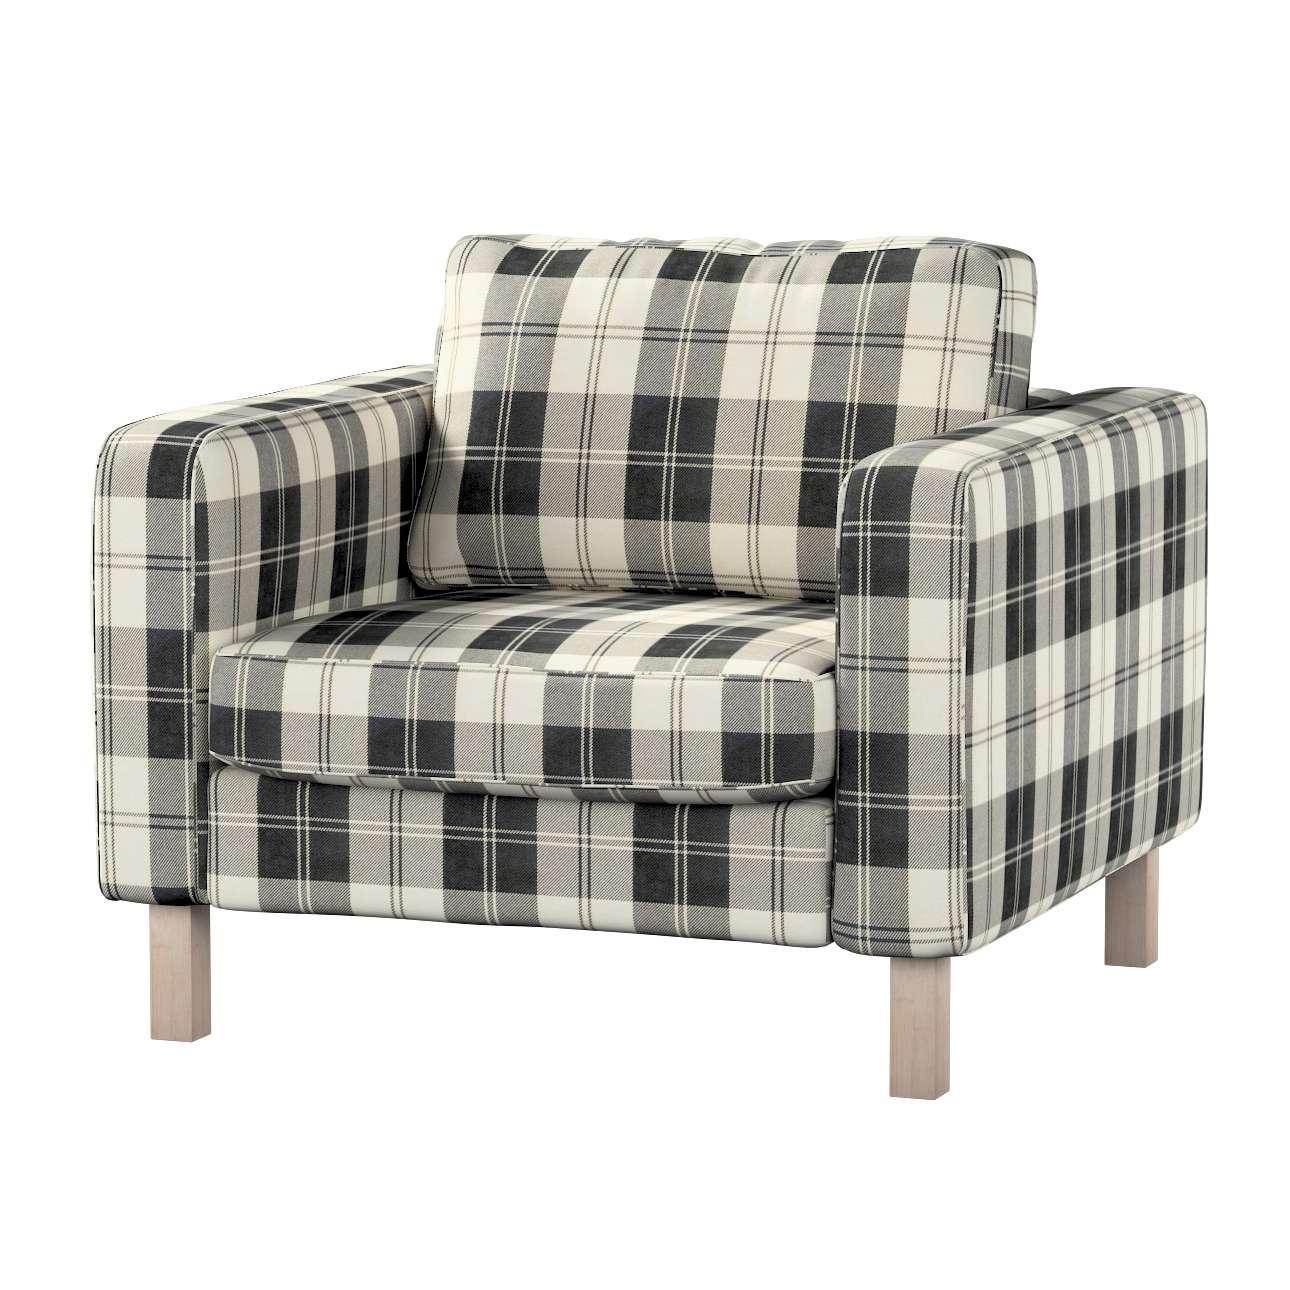 Pokrowiec na fotel Karlstad, krótki Fotel Karlstad w kolekcji Edinburgh, tkanina: 115-74